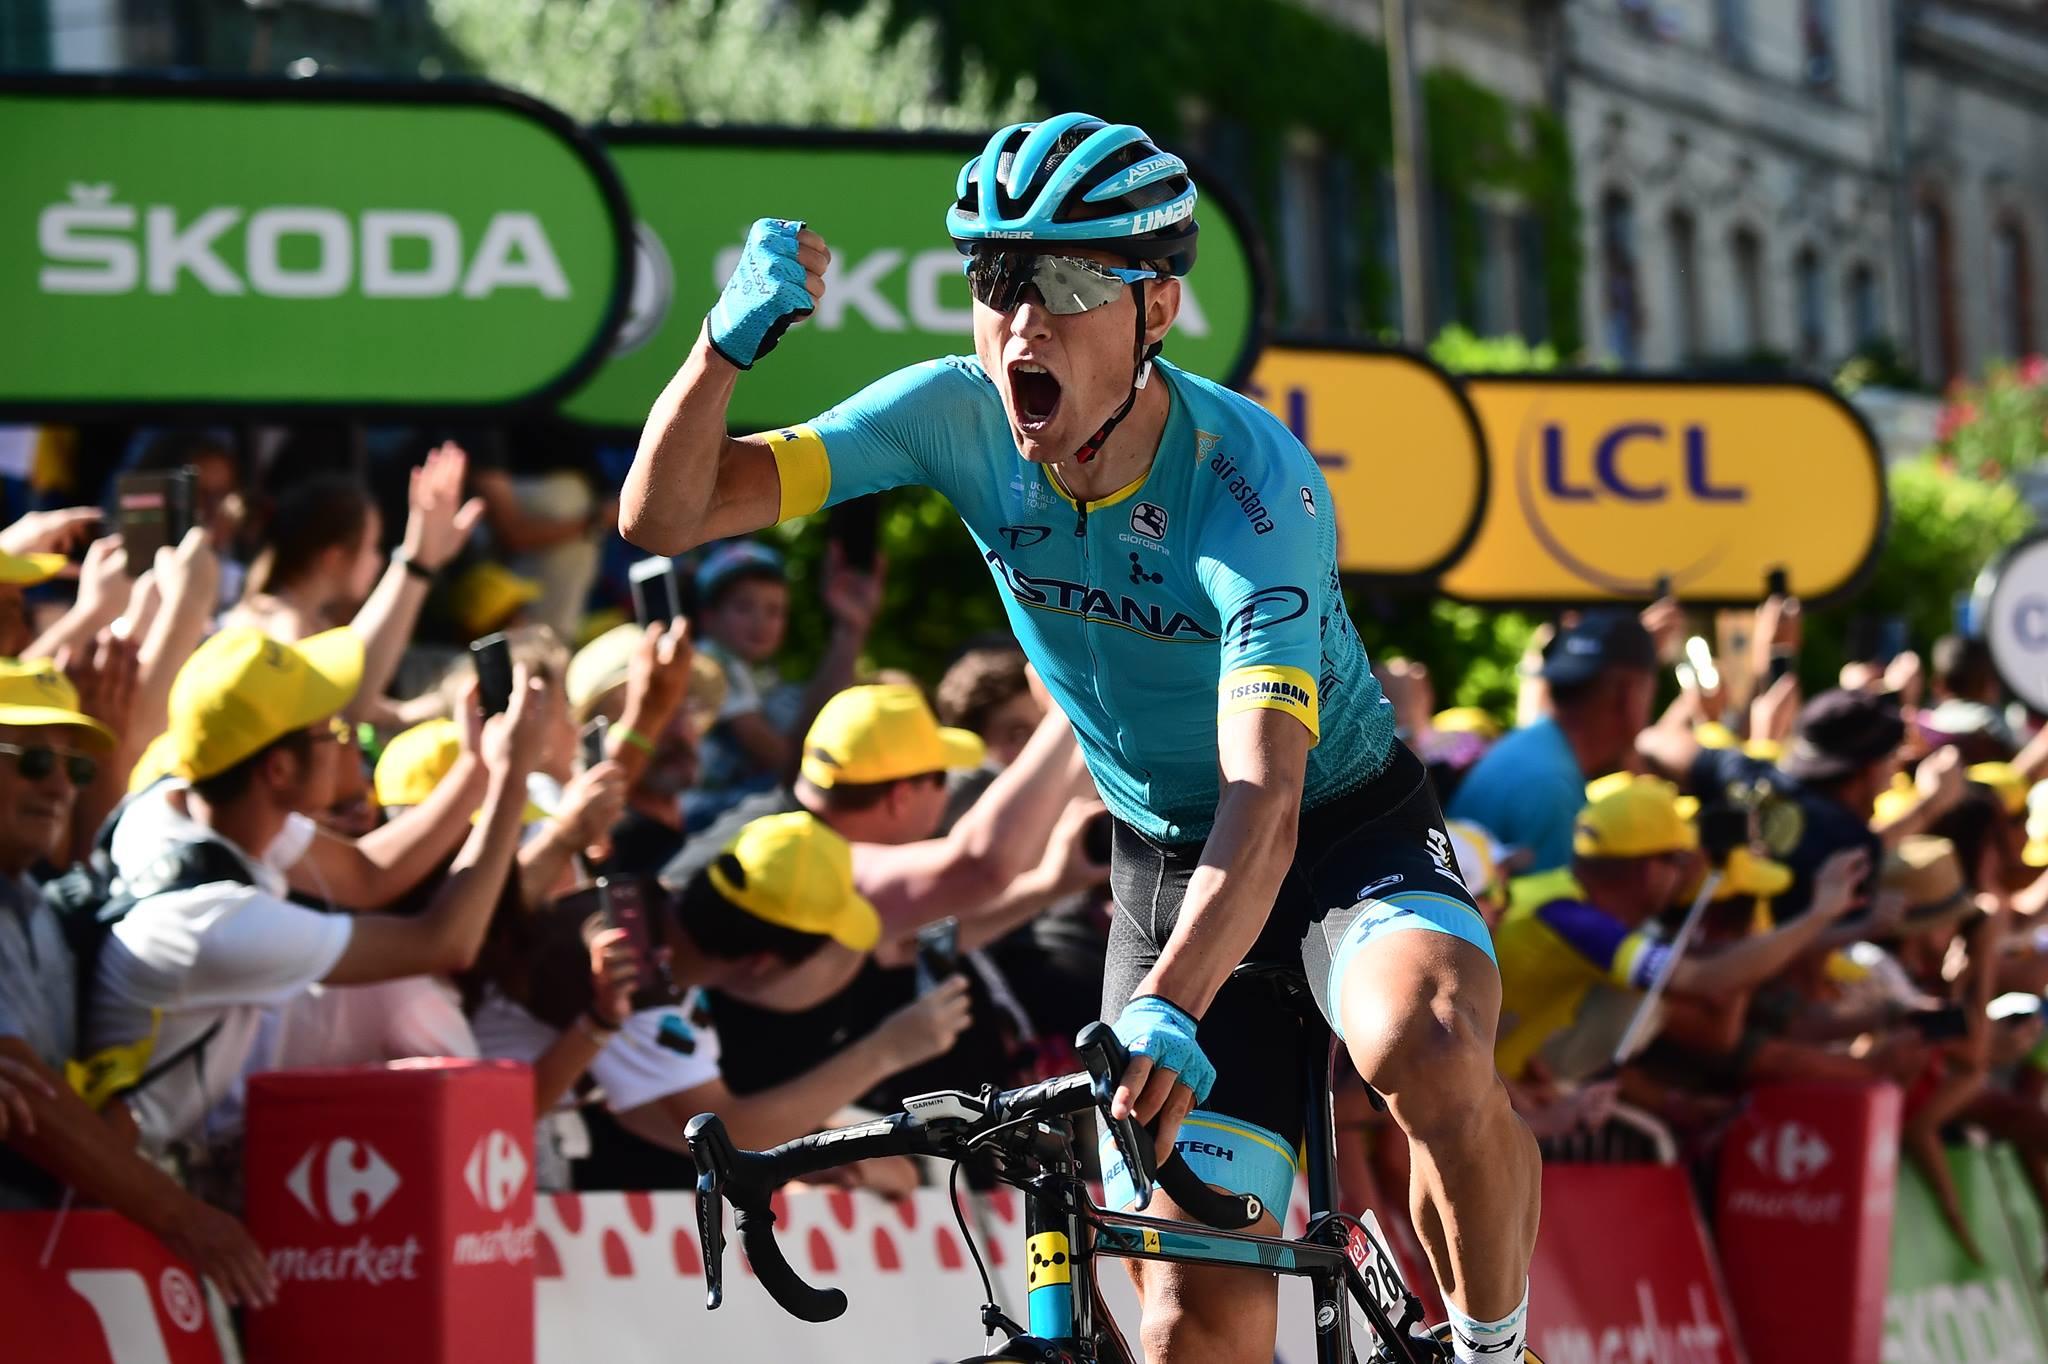 Magnus Cort Nielsen vince a Carcassonne la quindicesima tappa del Tour de France 2018